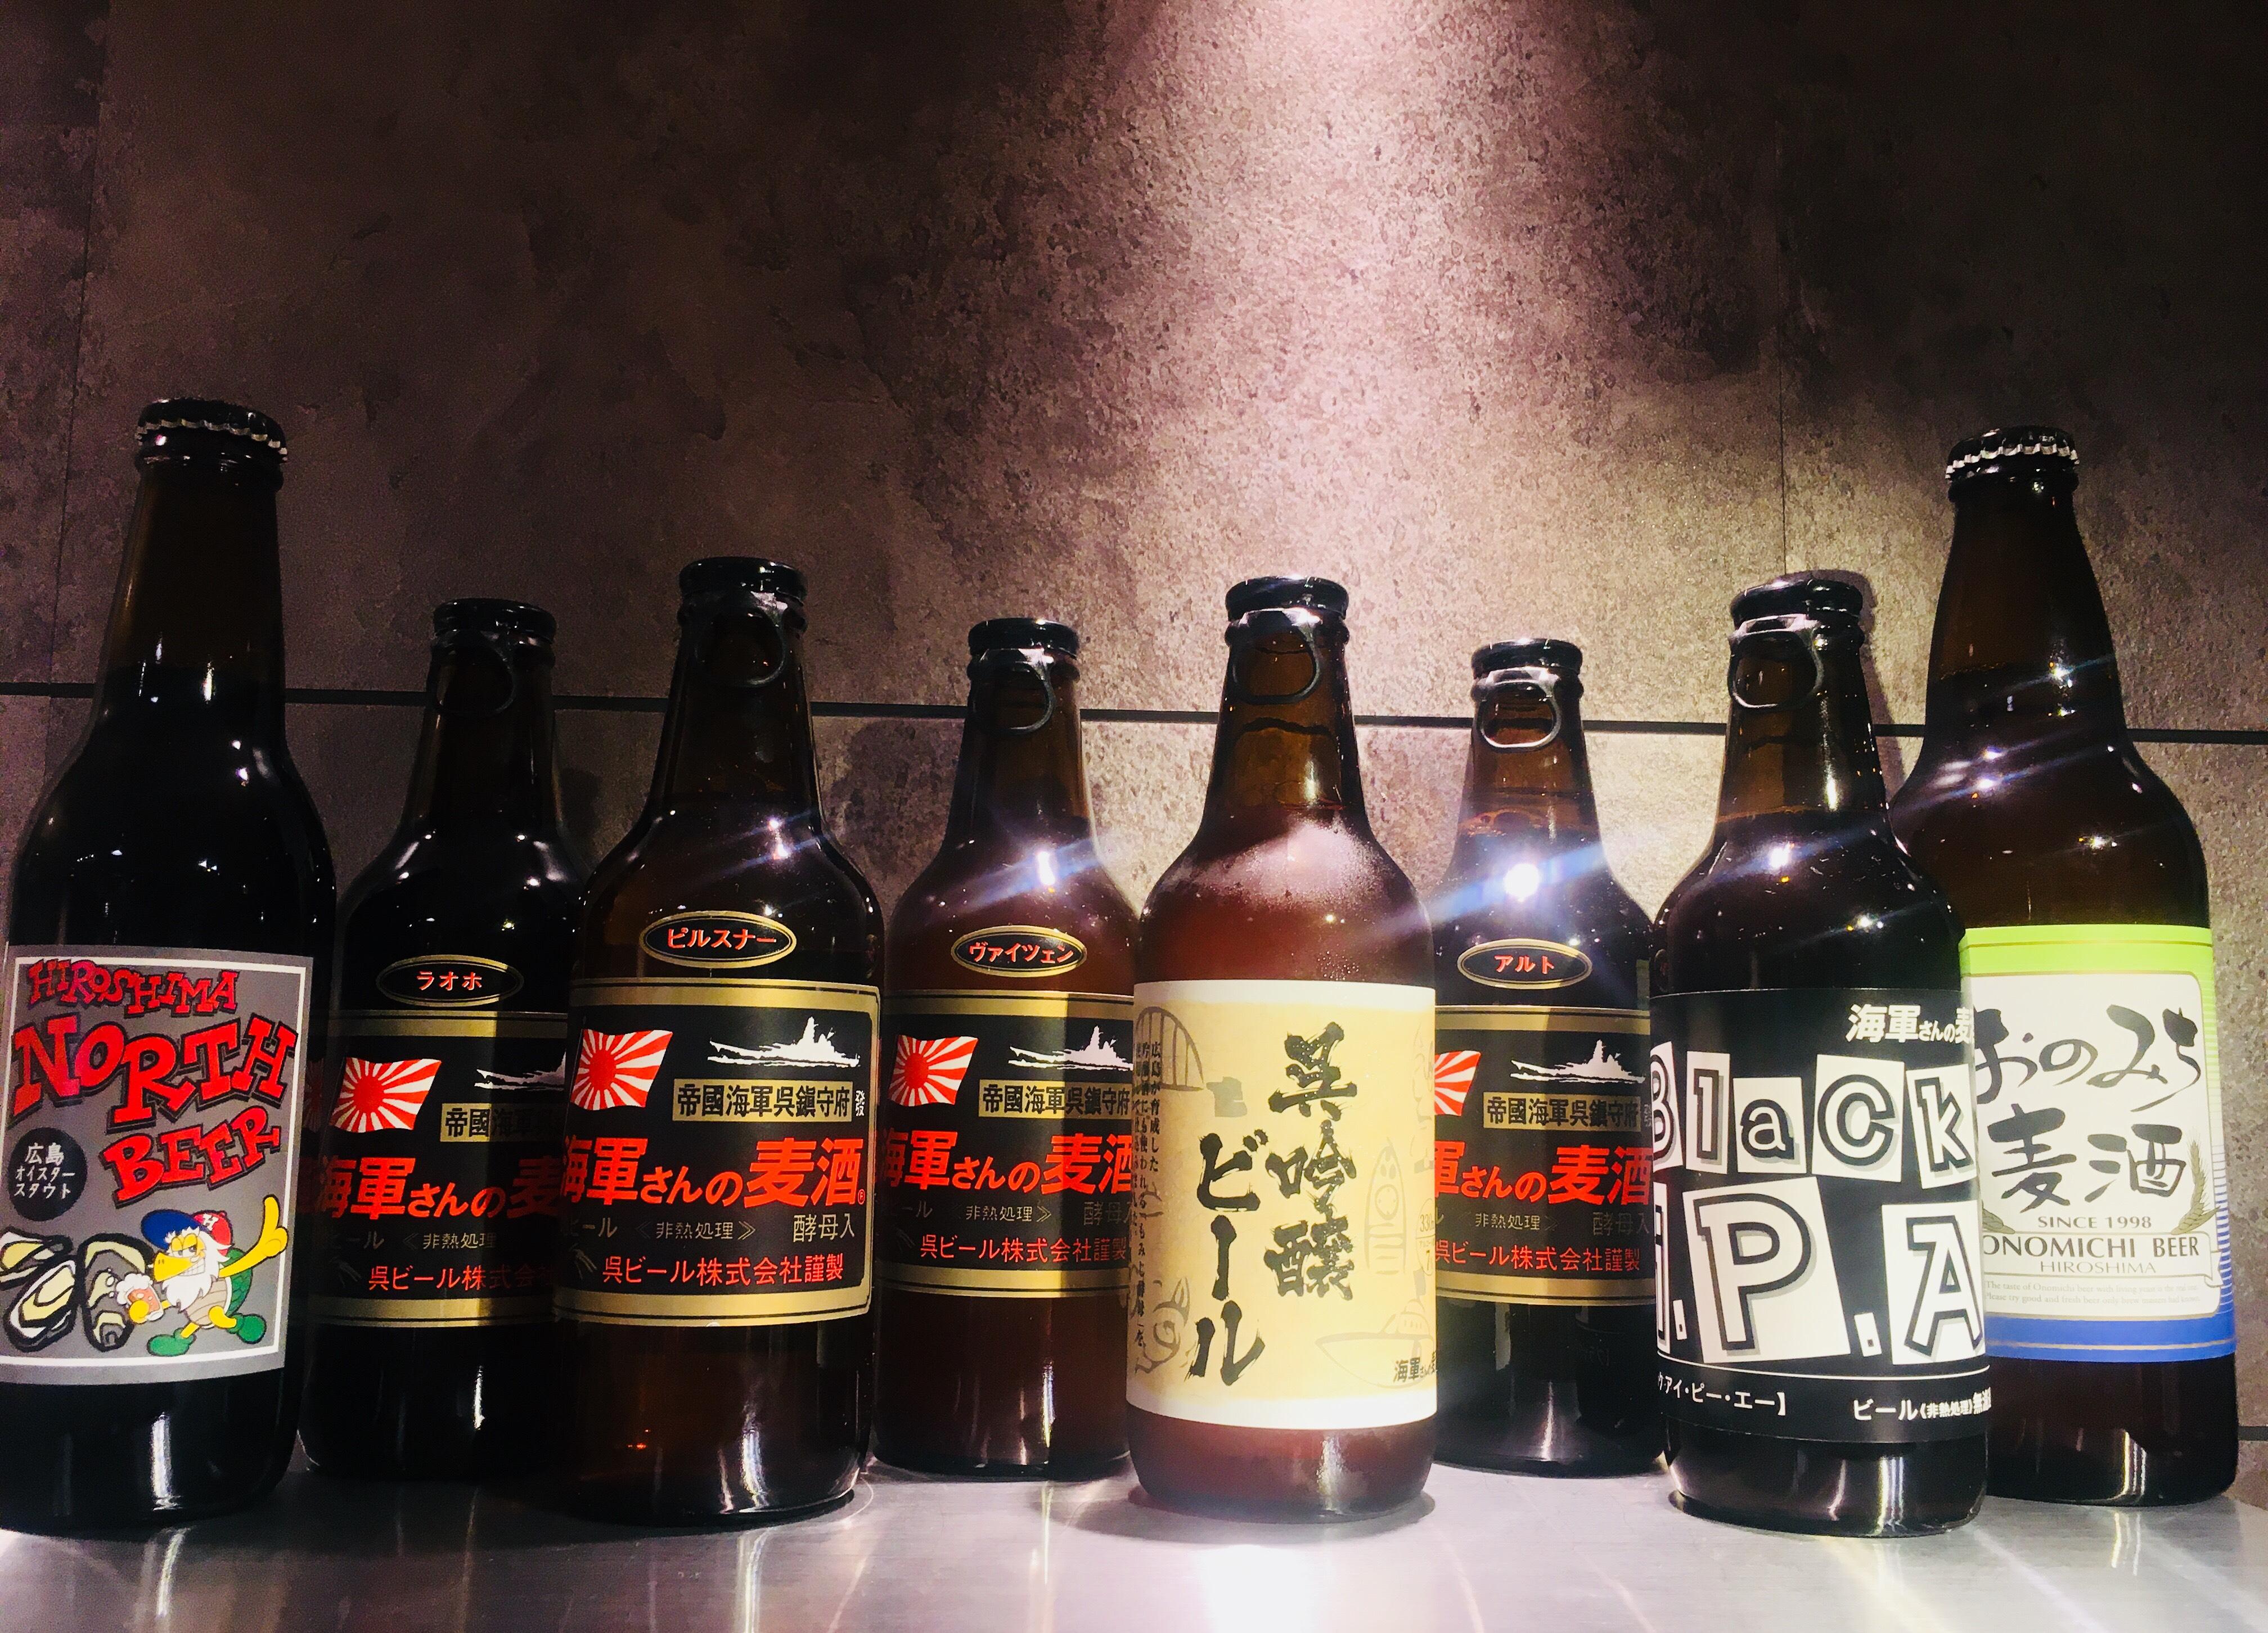 『がんばろう広島』8月末までの期間限定!広島県内のクラフトビール販売中☆